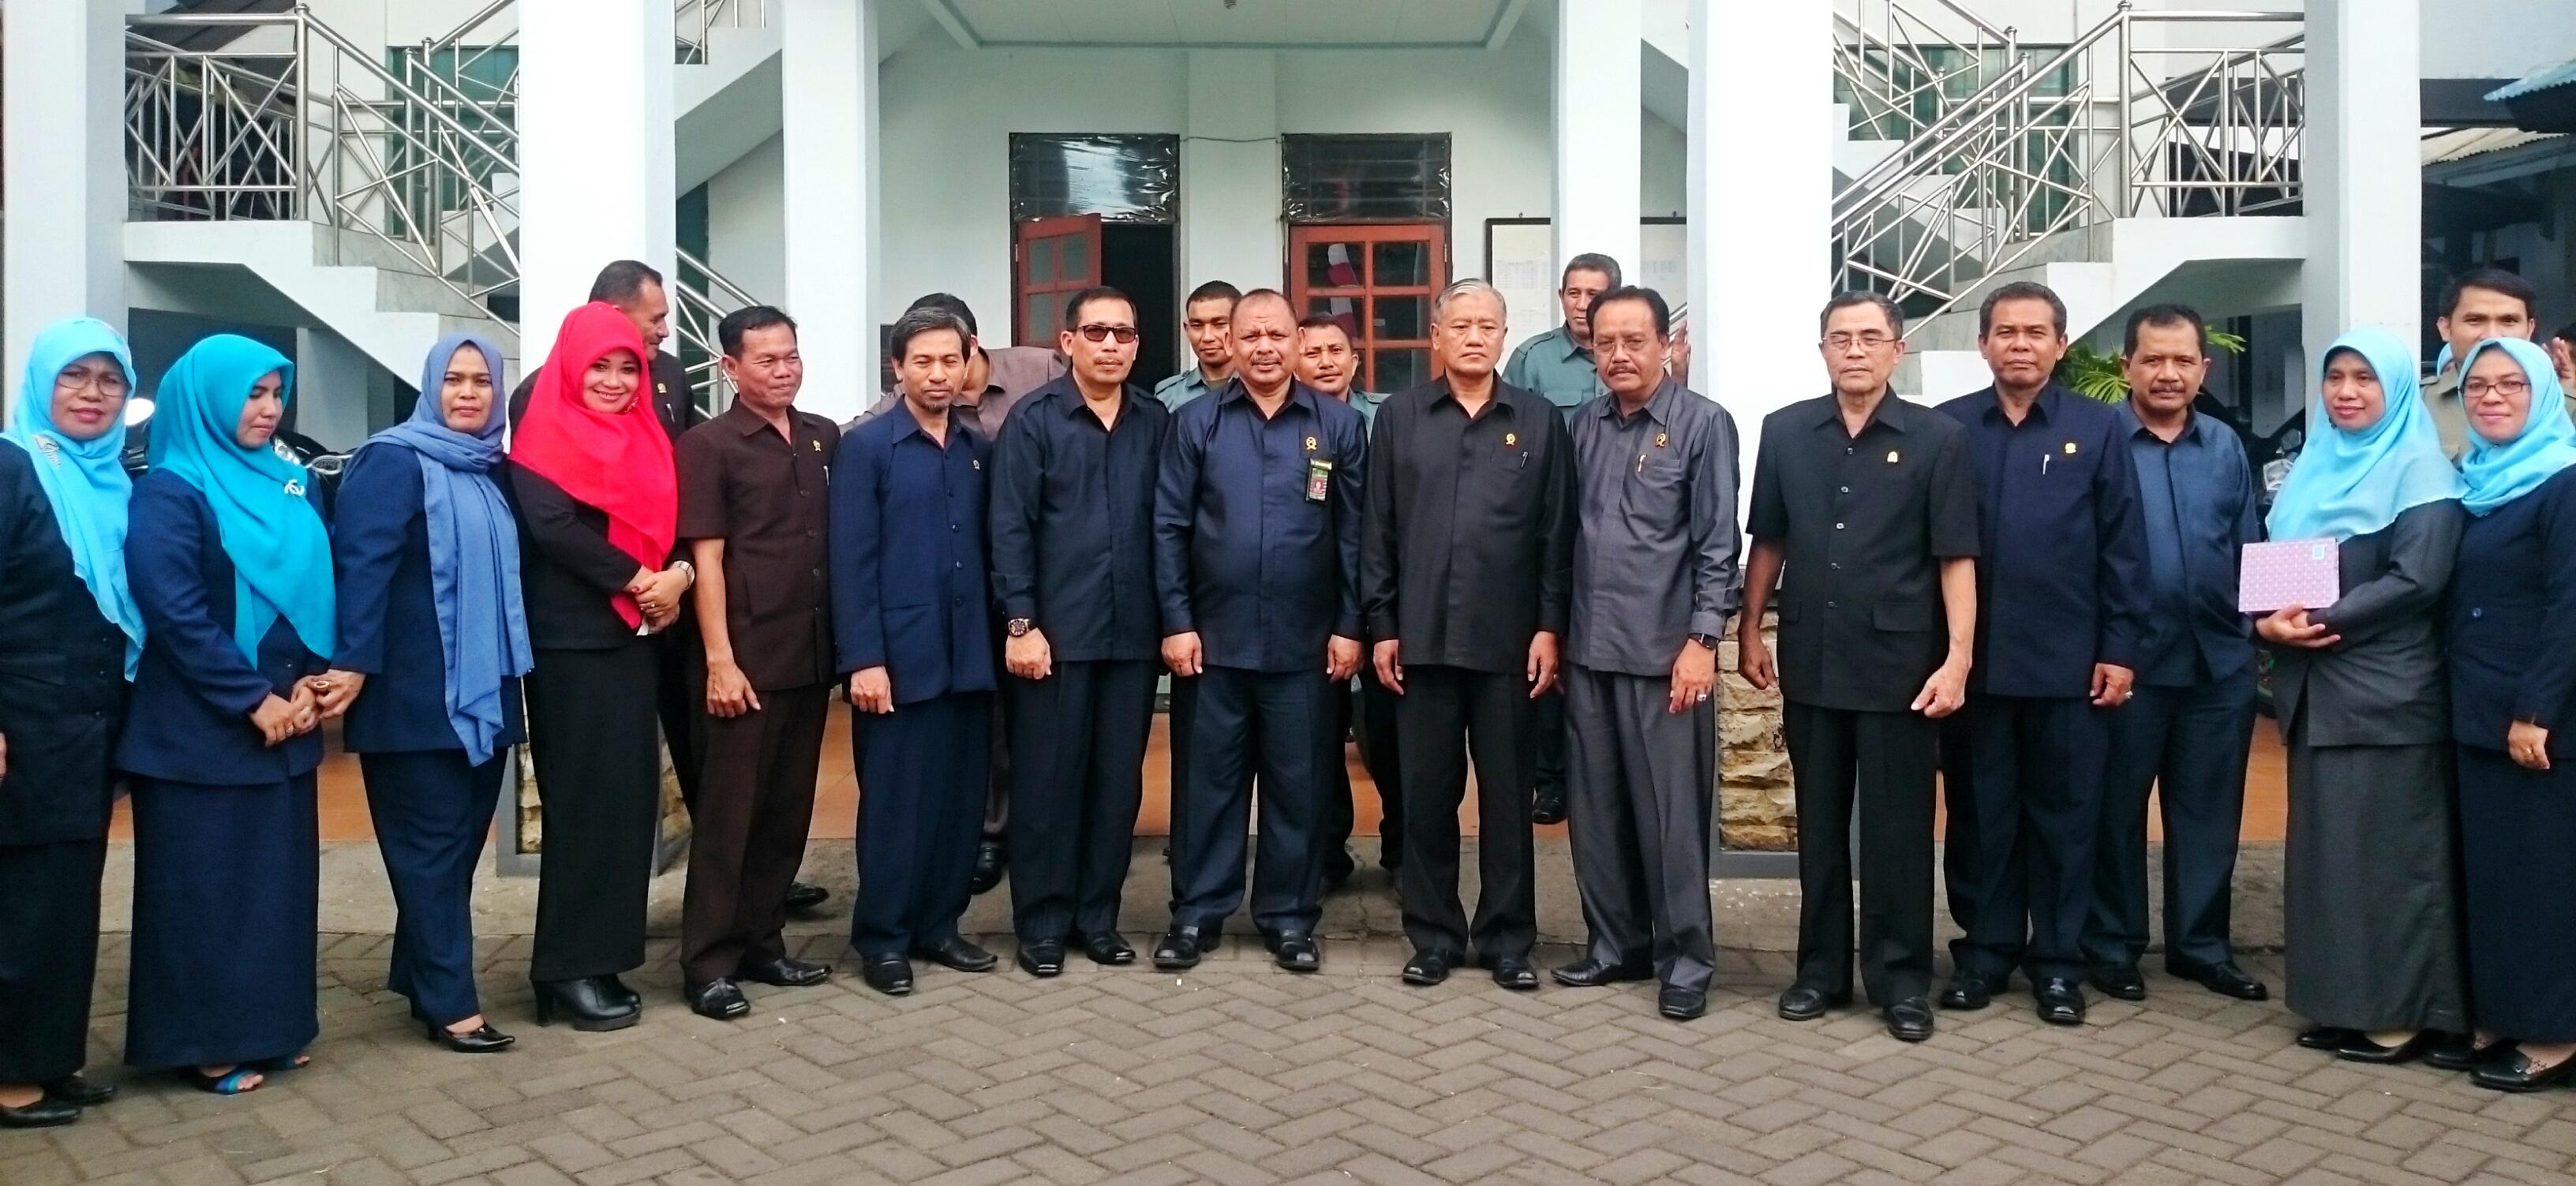 Kunjungan Sekretaris Dirjen Badilag di PA. Manado